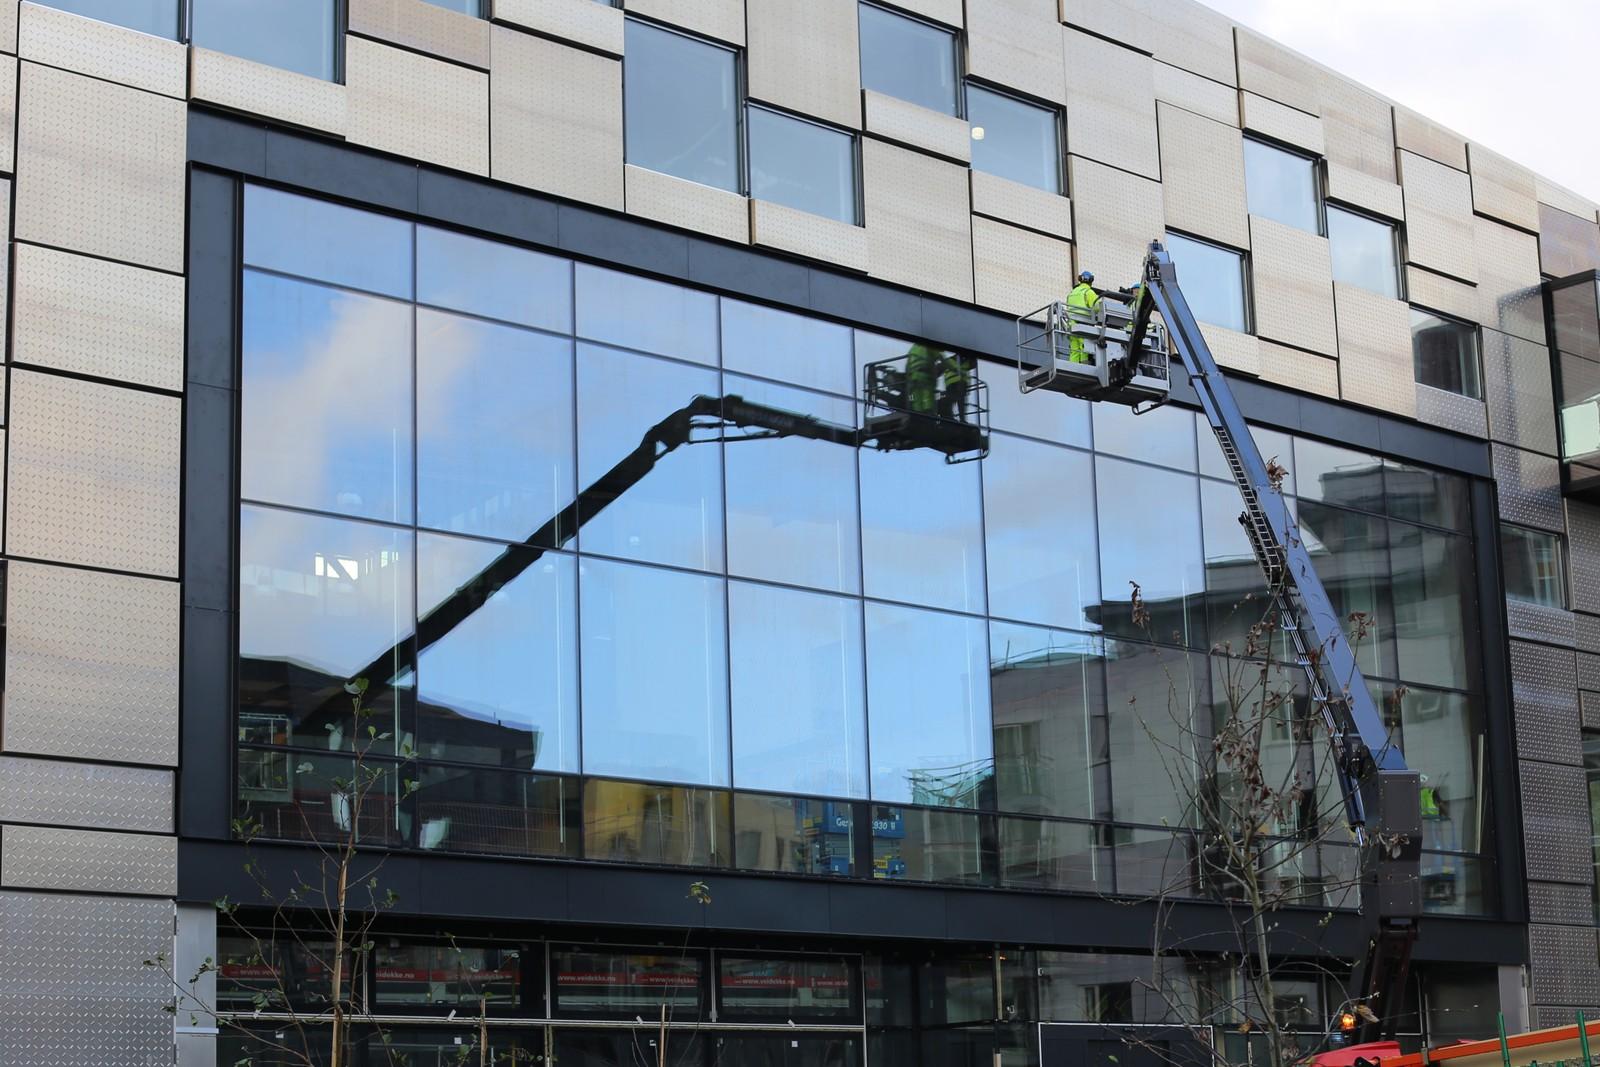 Det arbeides fortsatt på fasaden til bygget, som skal stå ferdig i mai 2017.